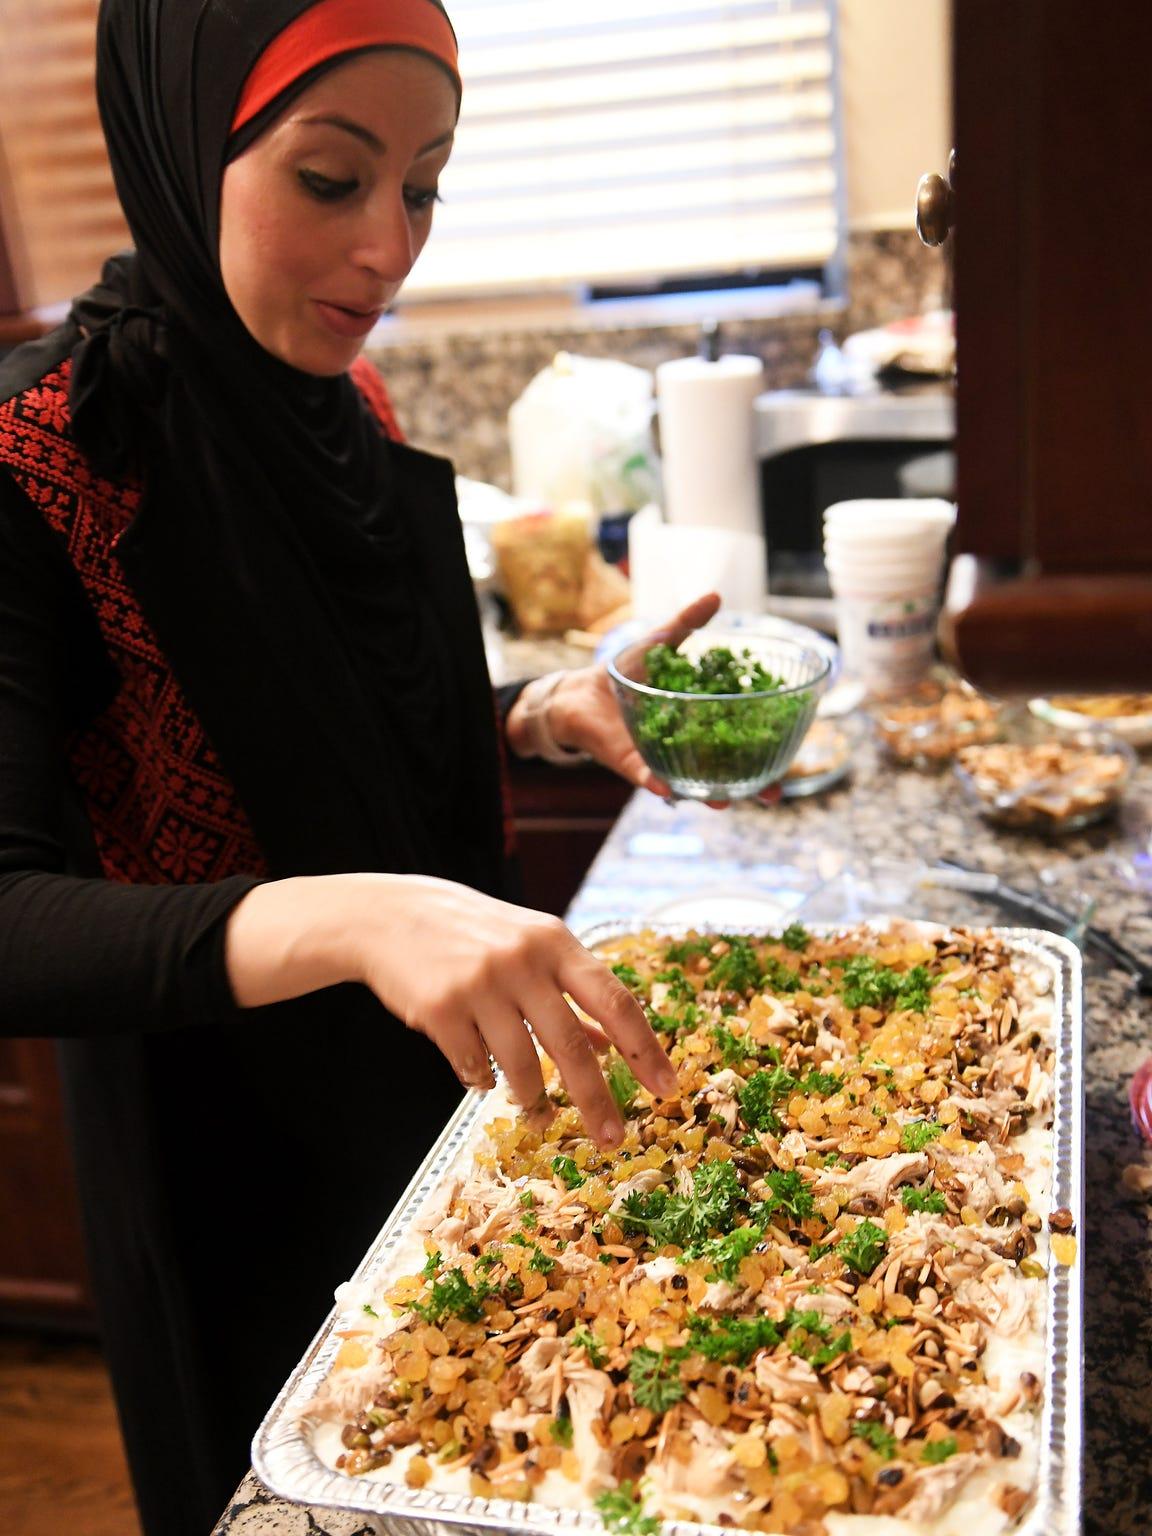 Ameena Elder, 34, sprinkles parsley on a platter of